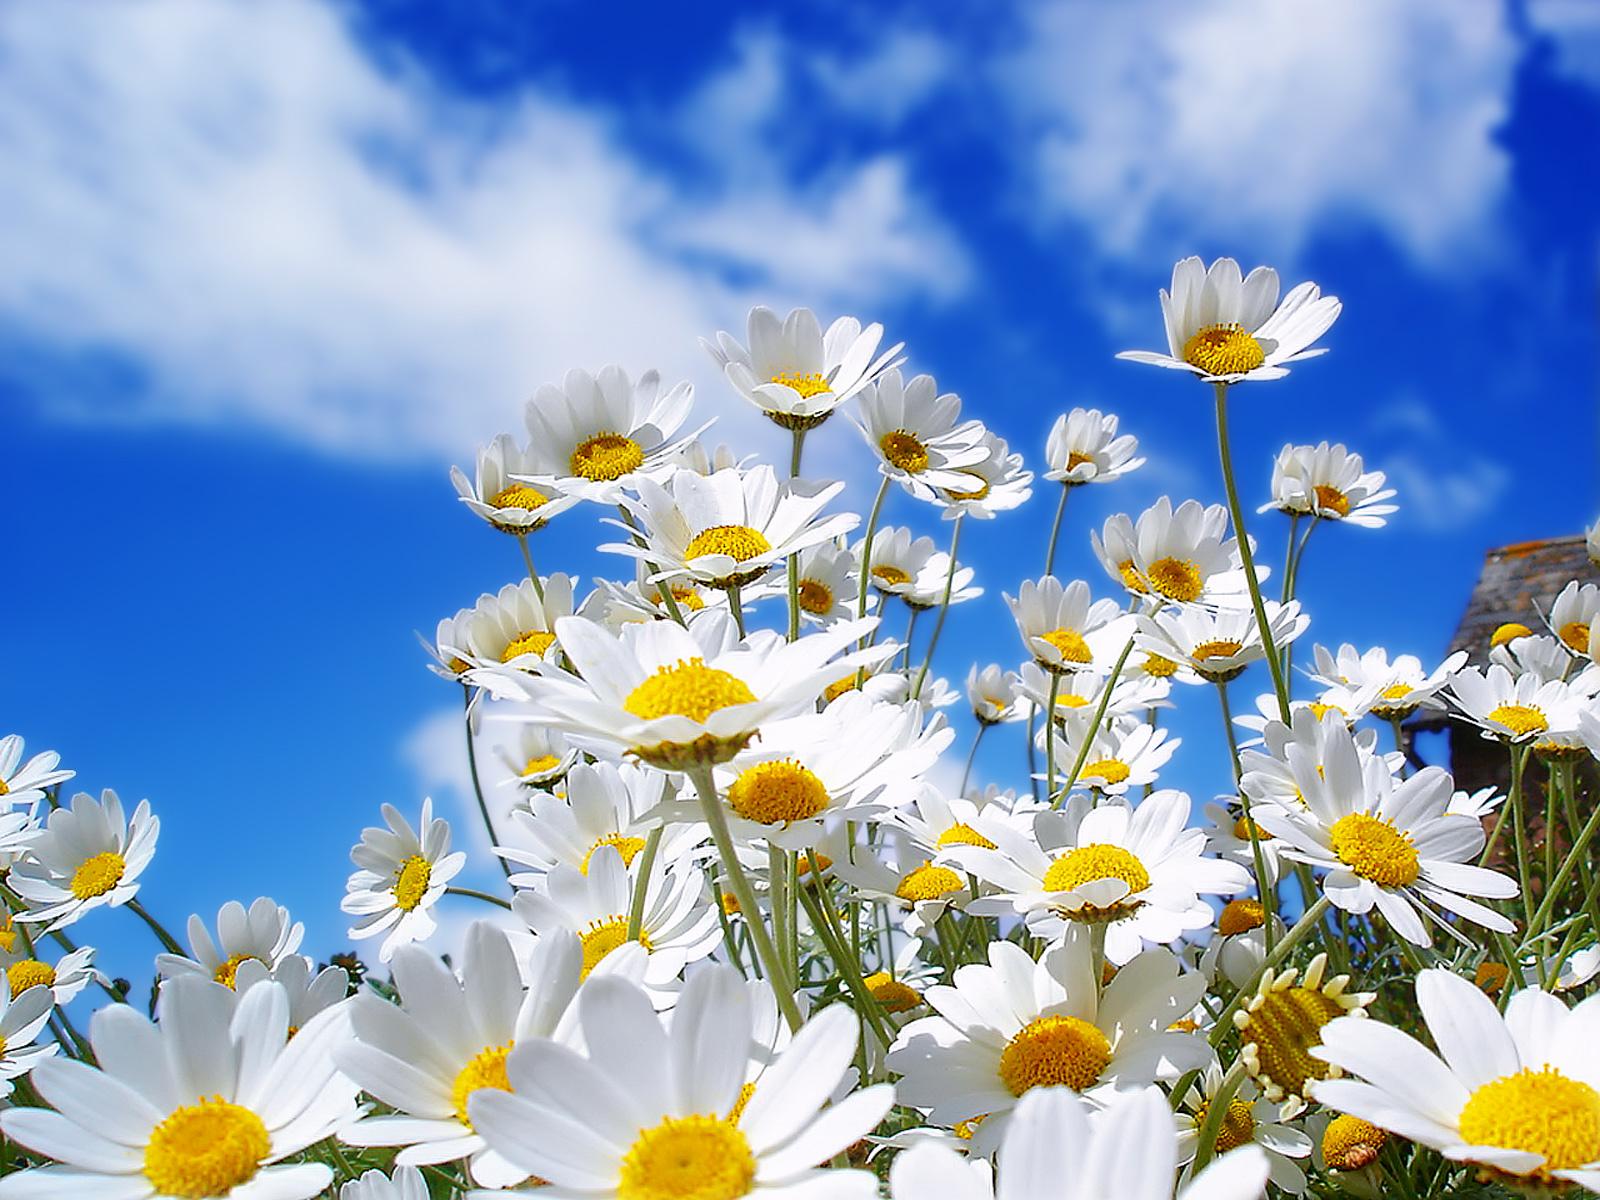 http://4.bp.blogspot.com/-qp4_sbY5dYg/T4mUOjSruEI/AAAAAAAAHss/uY2C-J3qjDg/s1600/Nature+Wallpaper+0089.jpg